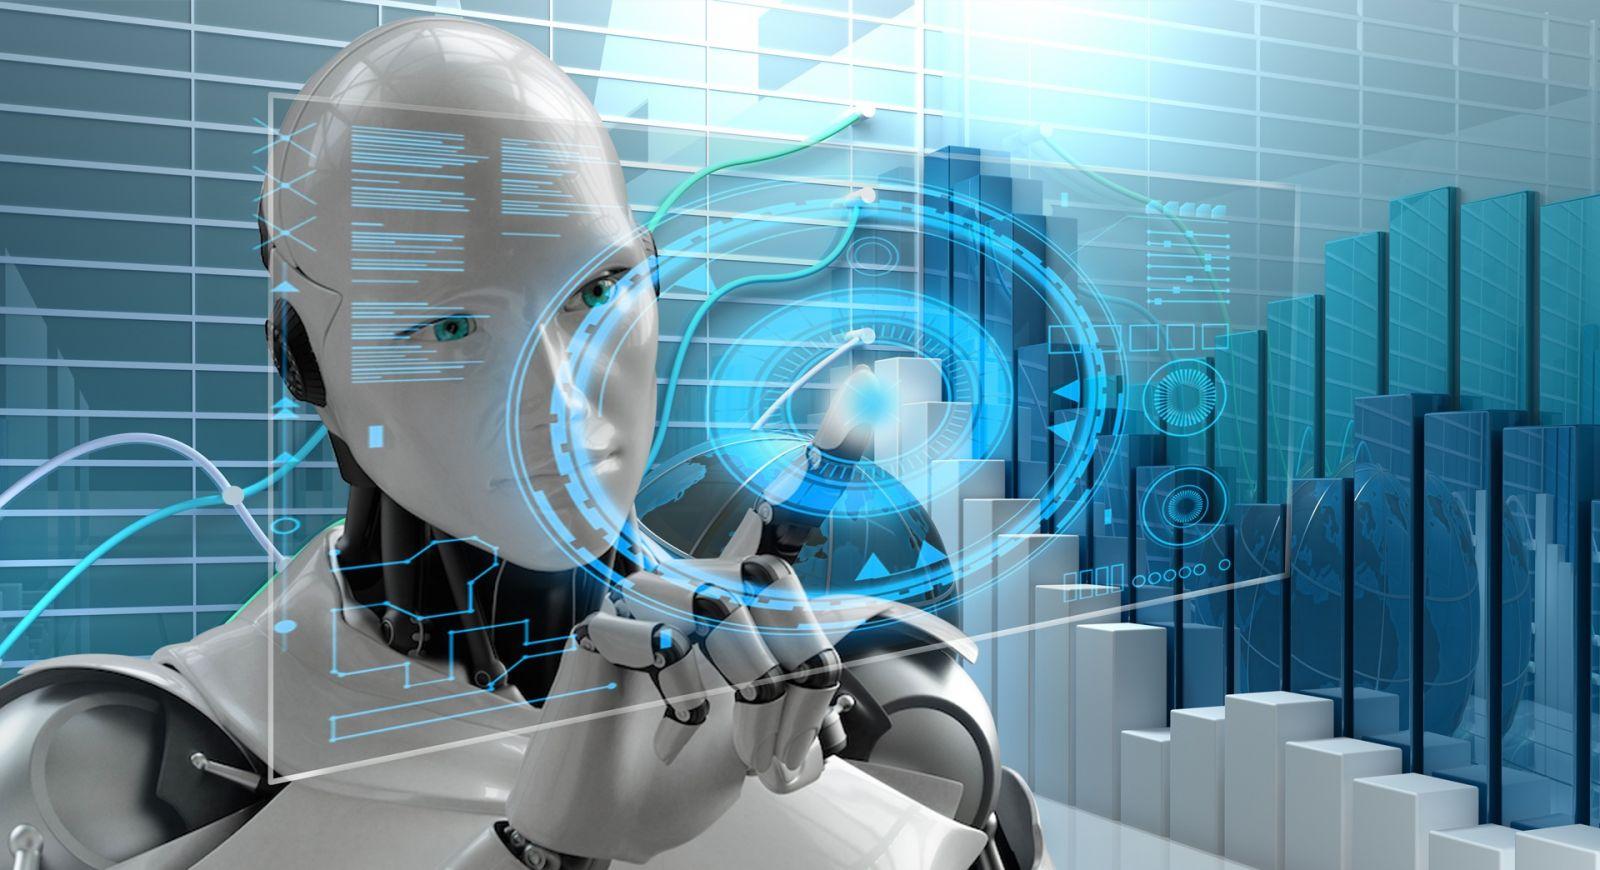 Изображение Подходит ли вам робот-советник?